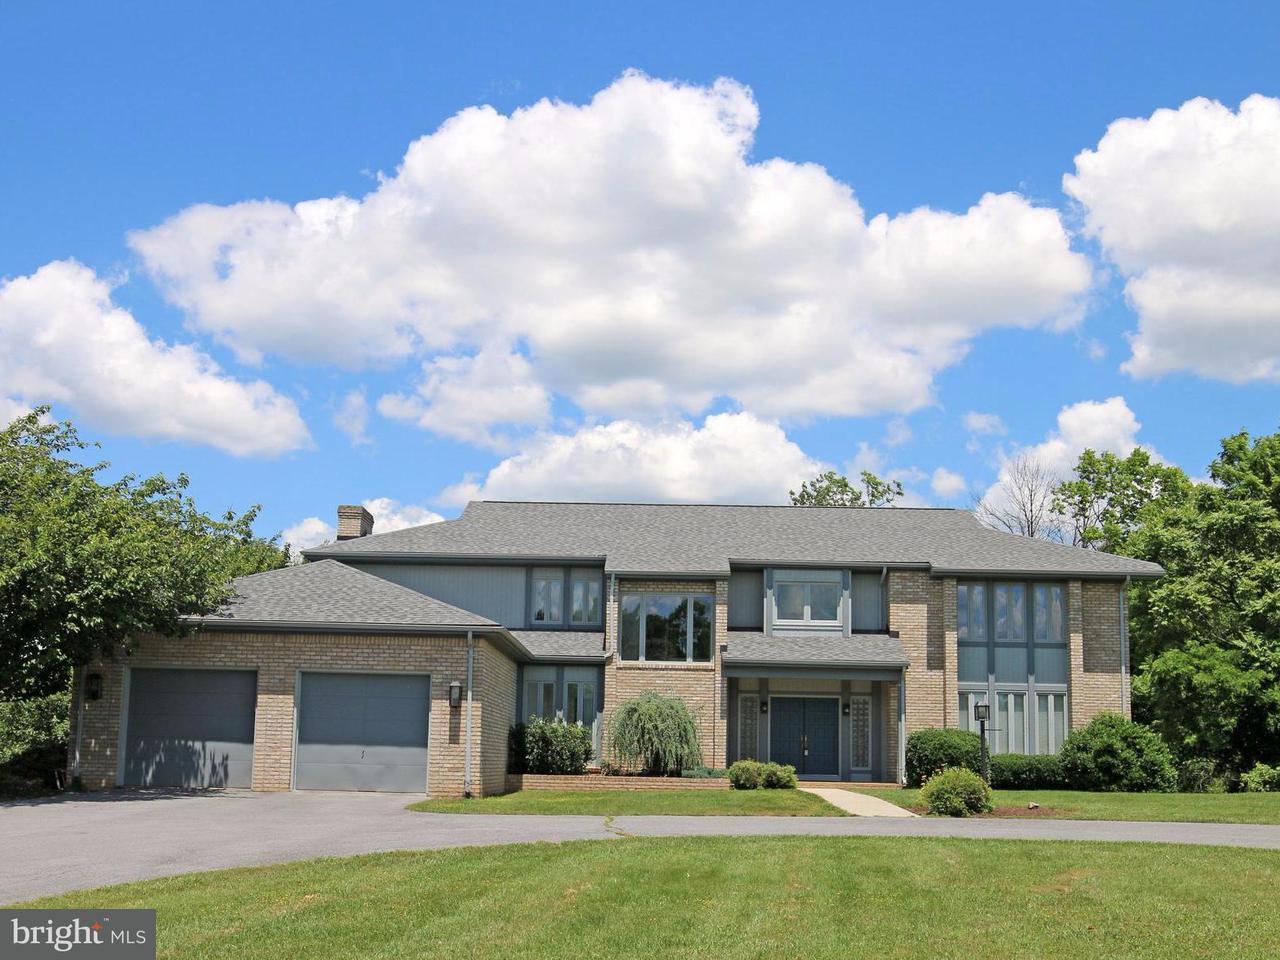 独户住宅 为 销售 在 77 Pierpoint Ter 77 Pierpoint Ter Martinsburg, 西弗吉尼亚州 25403 美国